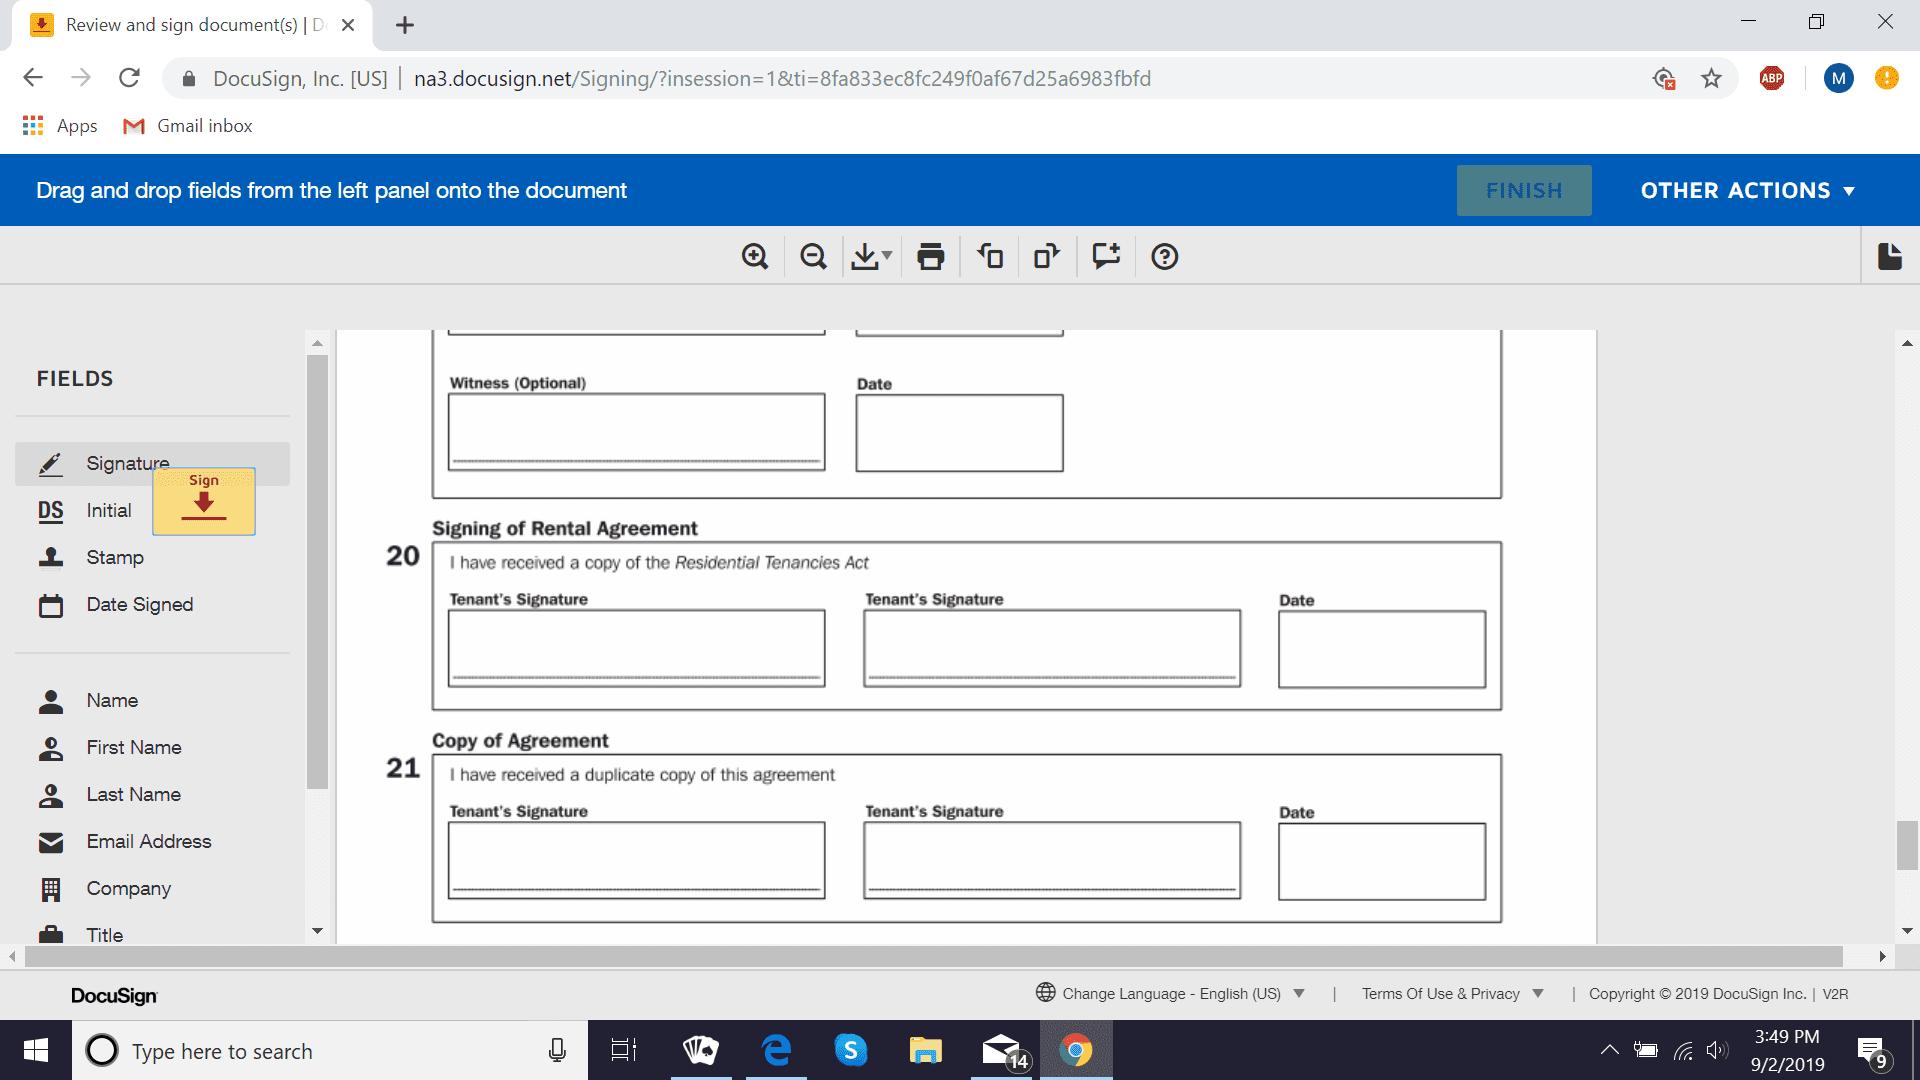 DocuSign add signature